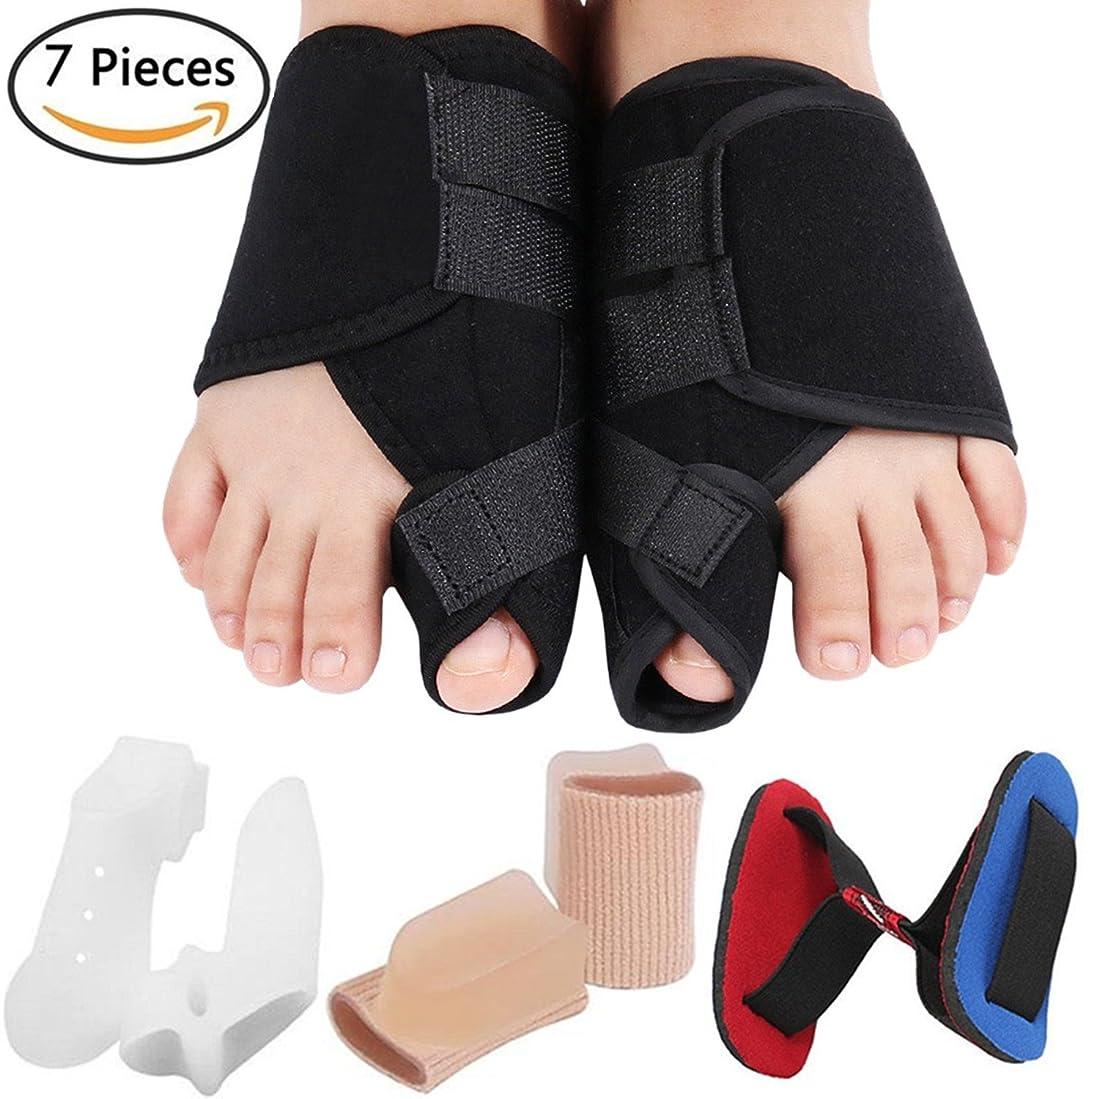 素晴らしい良い多くの物理学者ライナーBunion Corrector Bunion Relief Kit, Bunion Splint Toe Straightener Corrector for Hallux Valgus, Big Toe Joint, Hammer Toes, Splint Aid Surgery Treatment for Women and Men